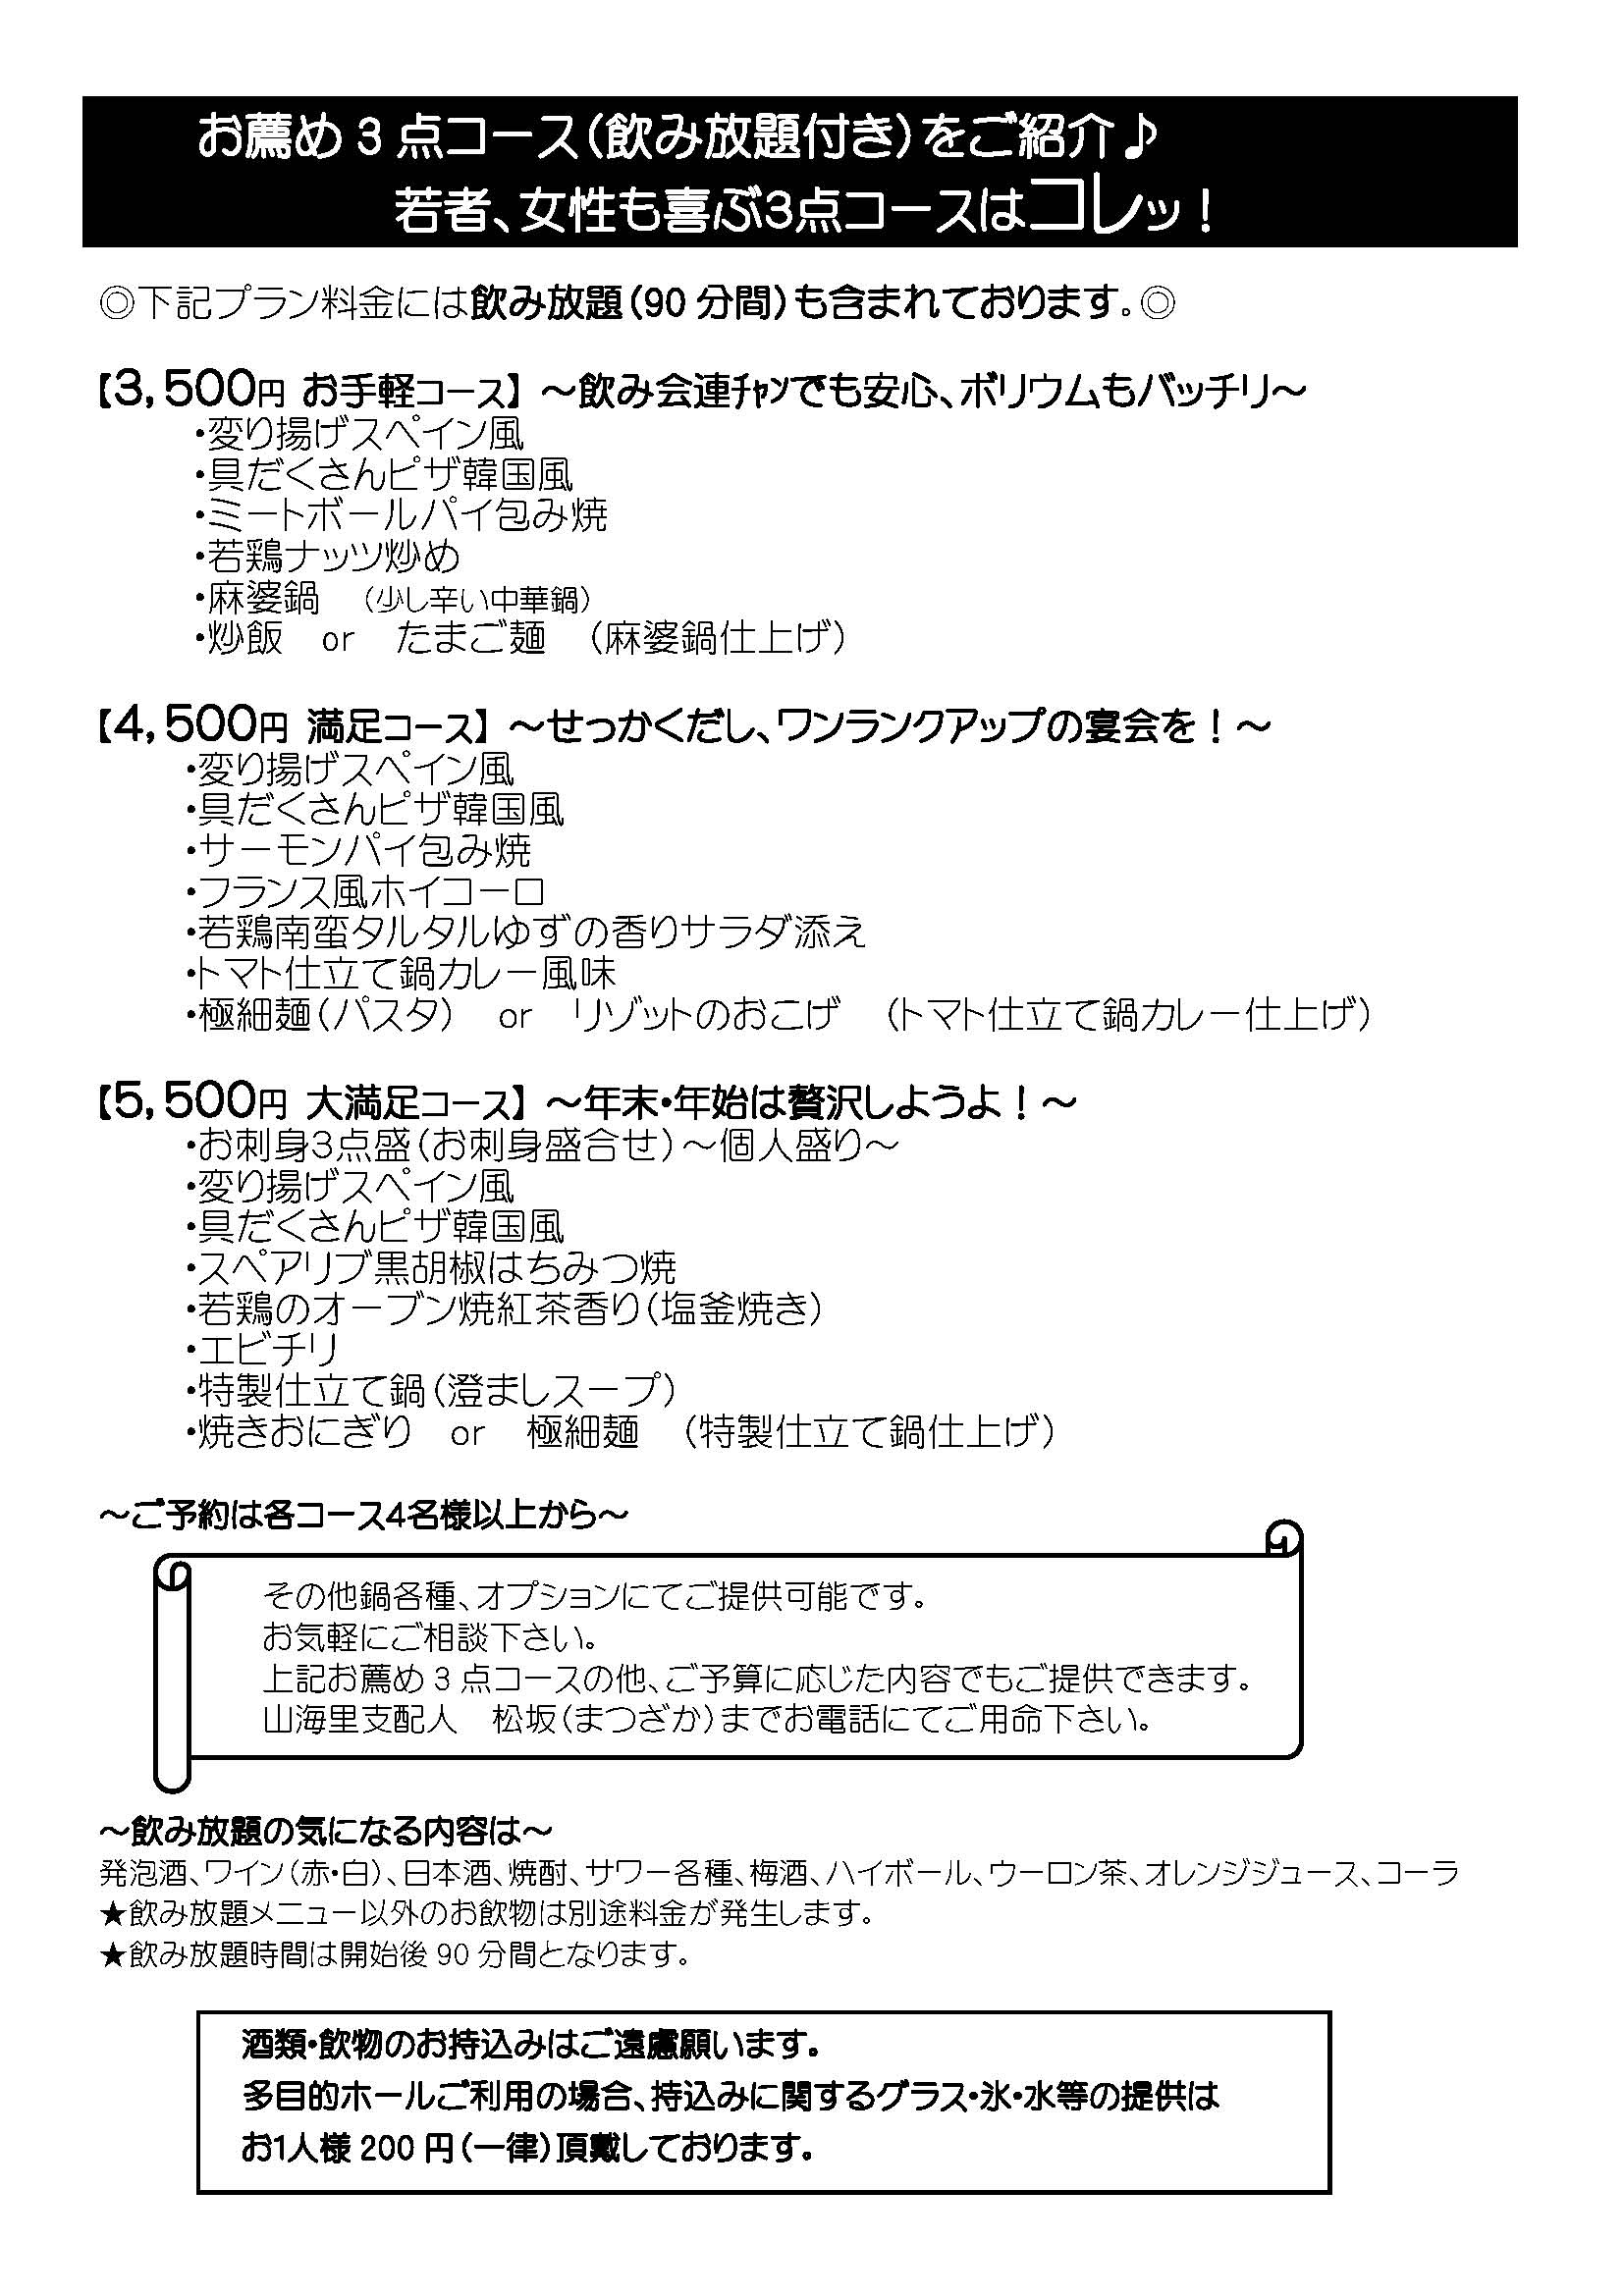 宴会メニュー詳細.jpg